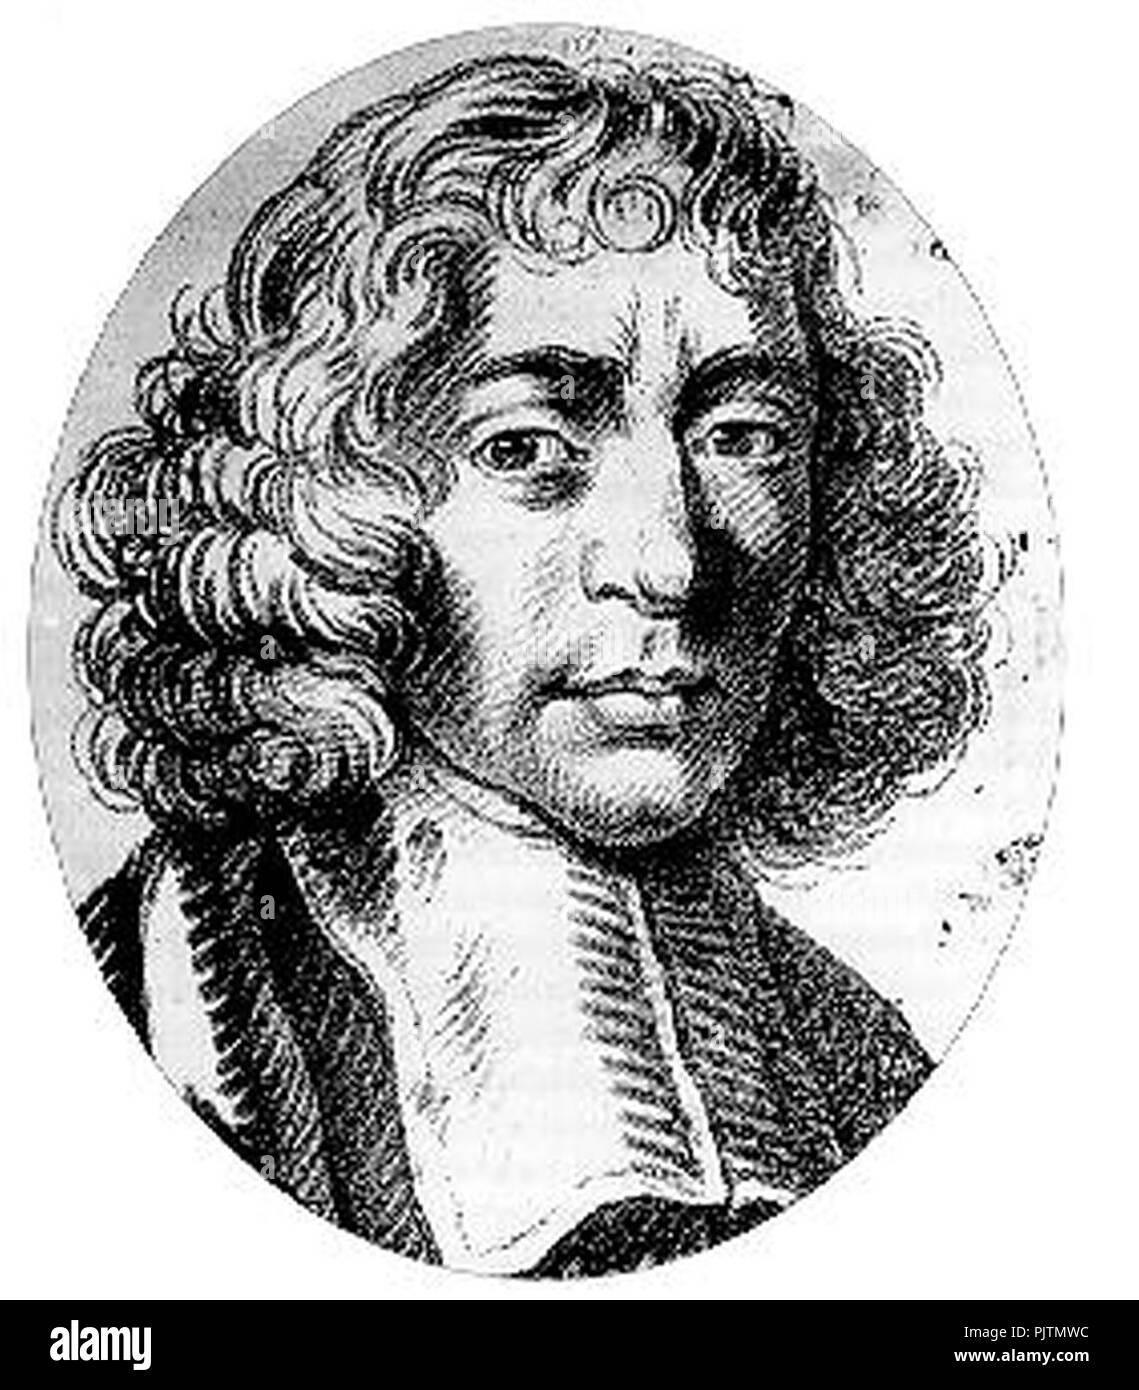 Baruch De Spinoza Stock Photo 218131464 Alamy